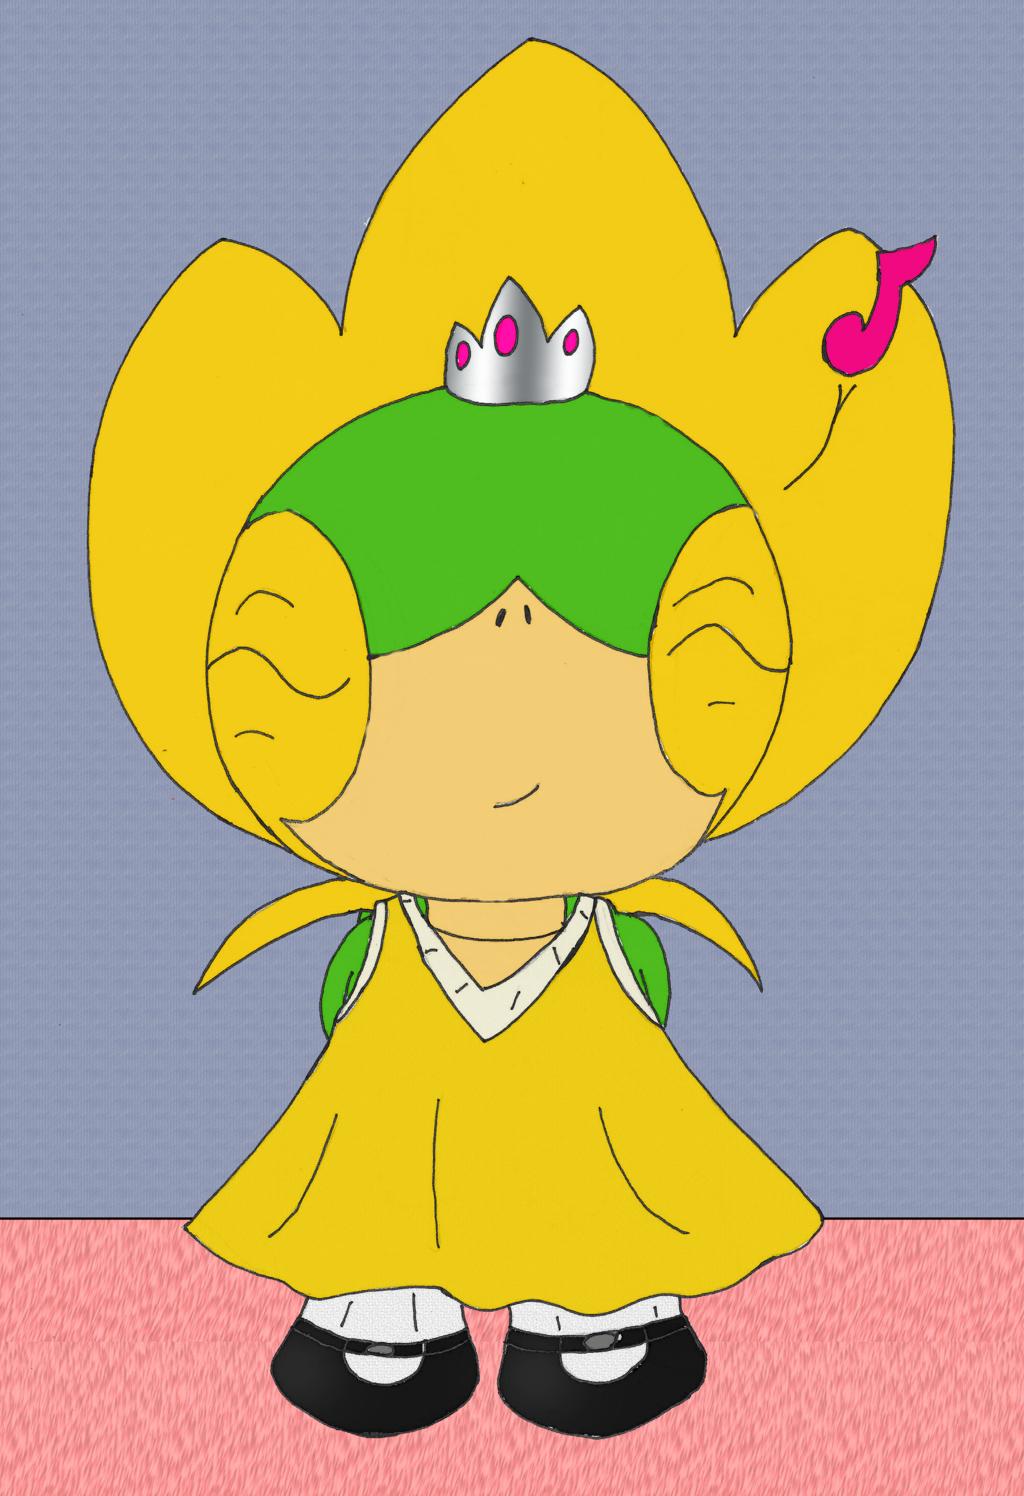 Petunia the Pretty Li'l Princess